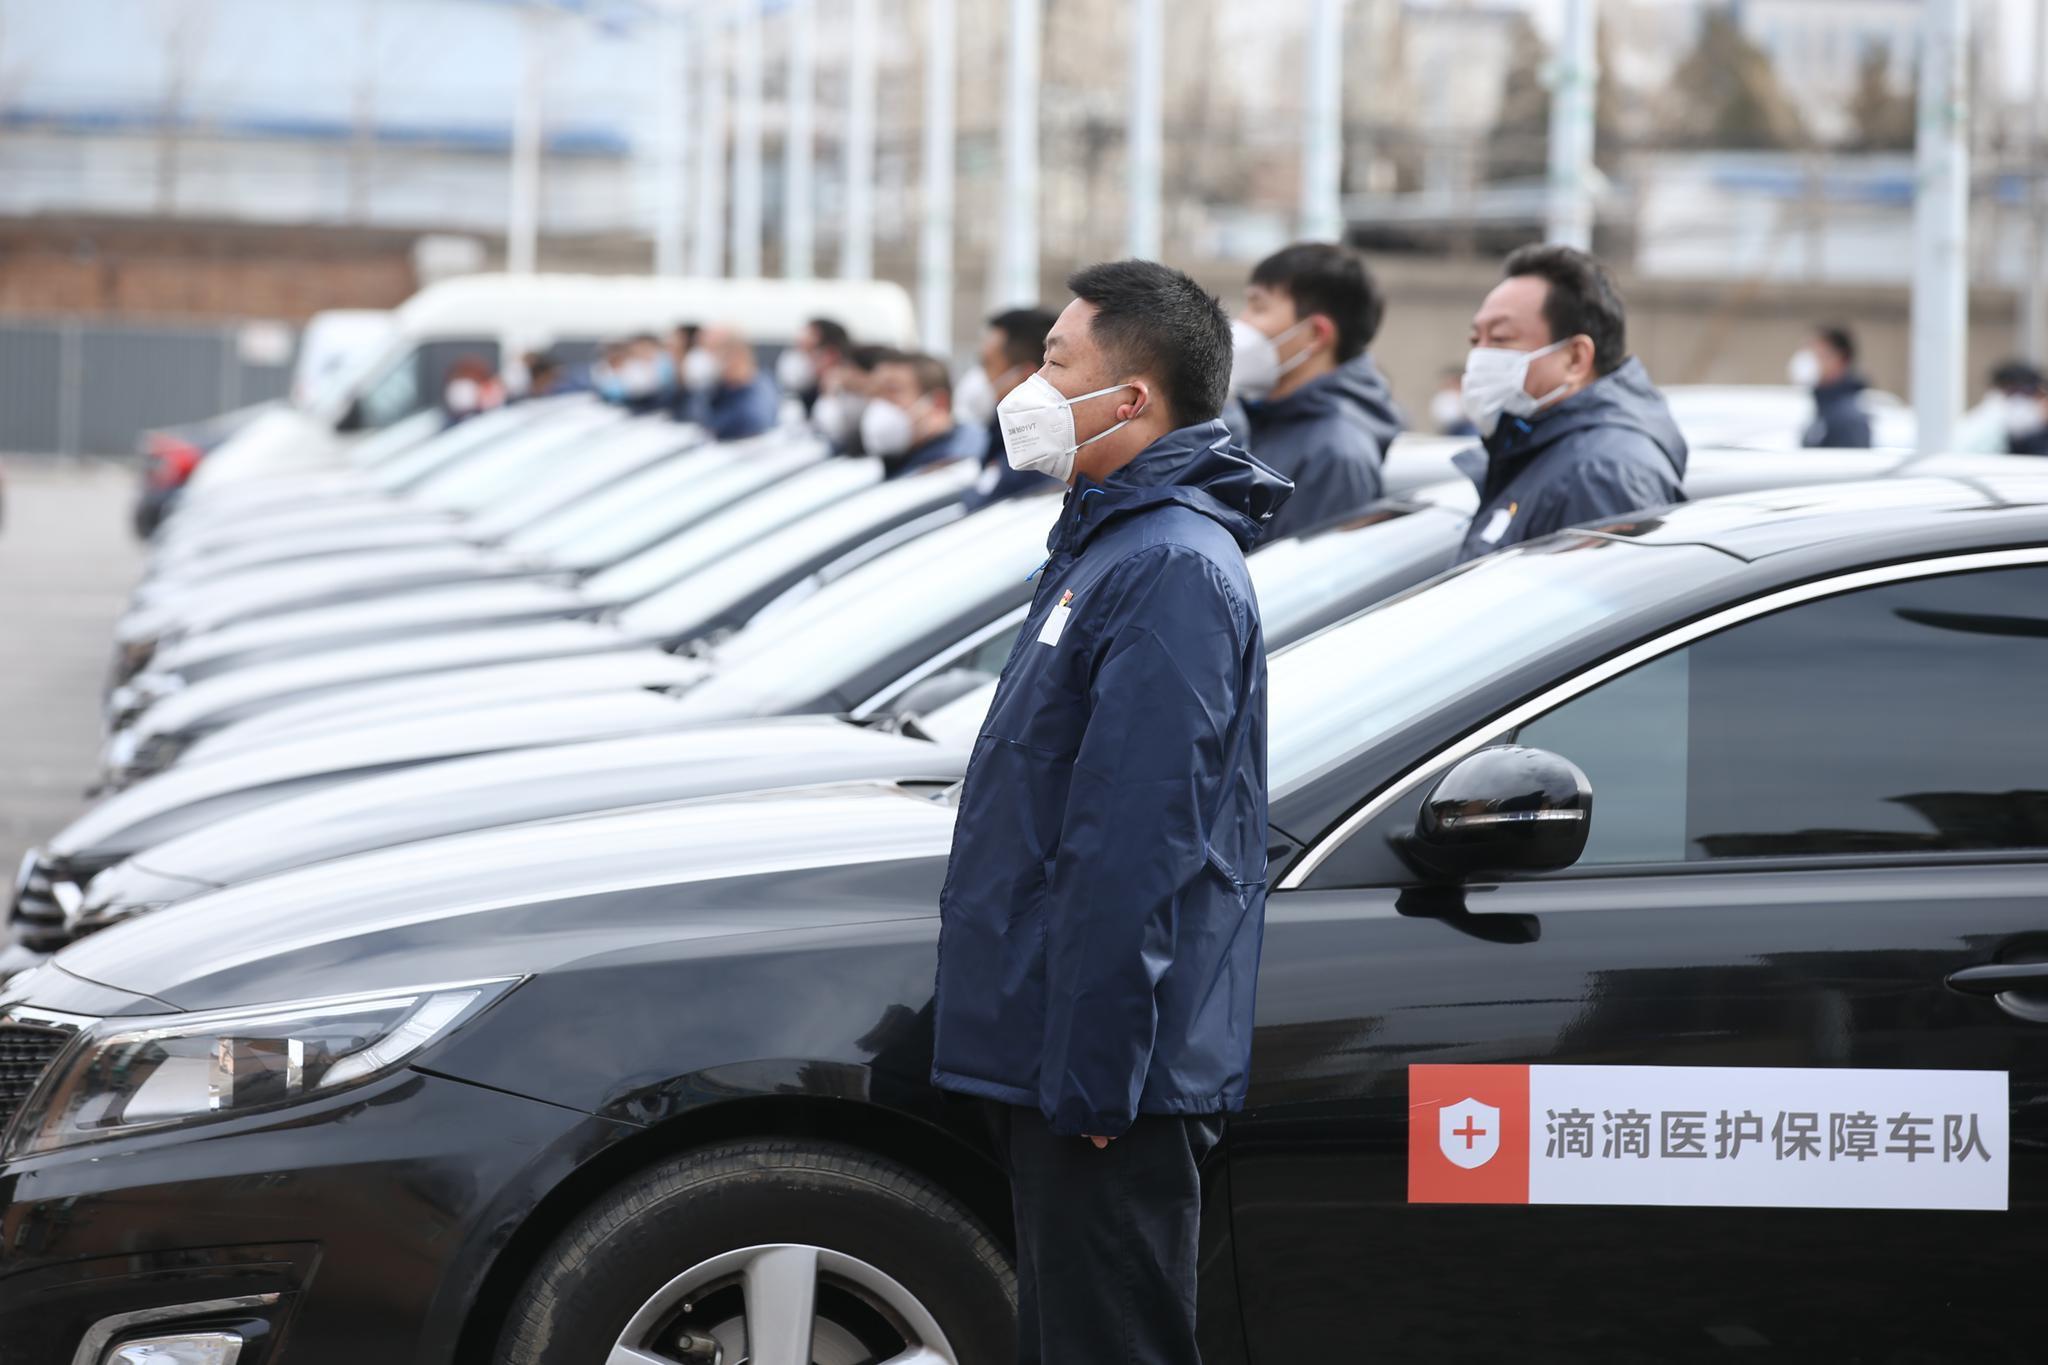 """滴滴在北京组建""""医护保障车队"""" 提供免费接送服务图片"""